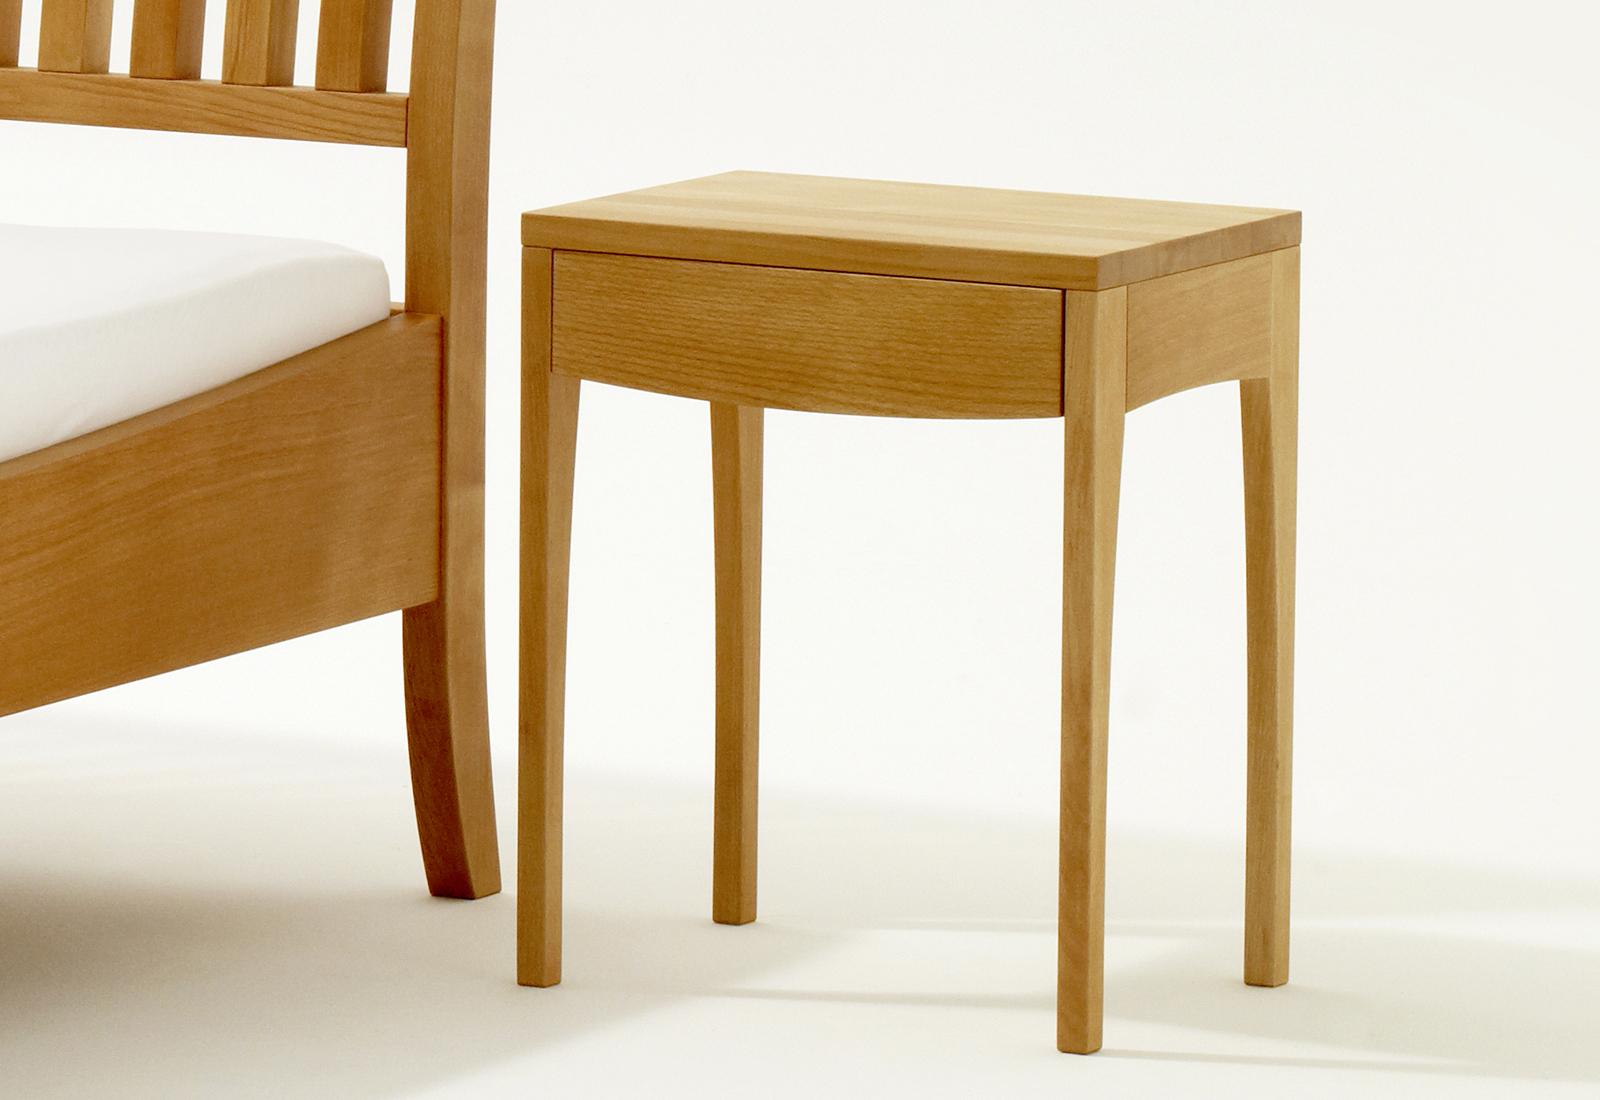 Amazing Nachttisch Grasshopper Von Sixay Furniture Aus Vollholz In Sixaycom  Sixaycom With Schmaler Nachttisch